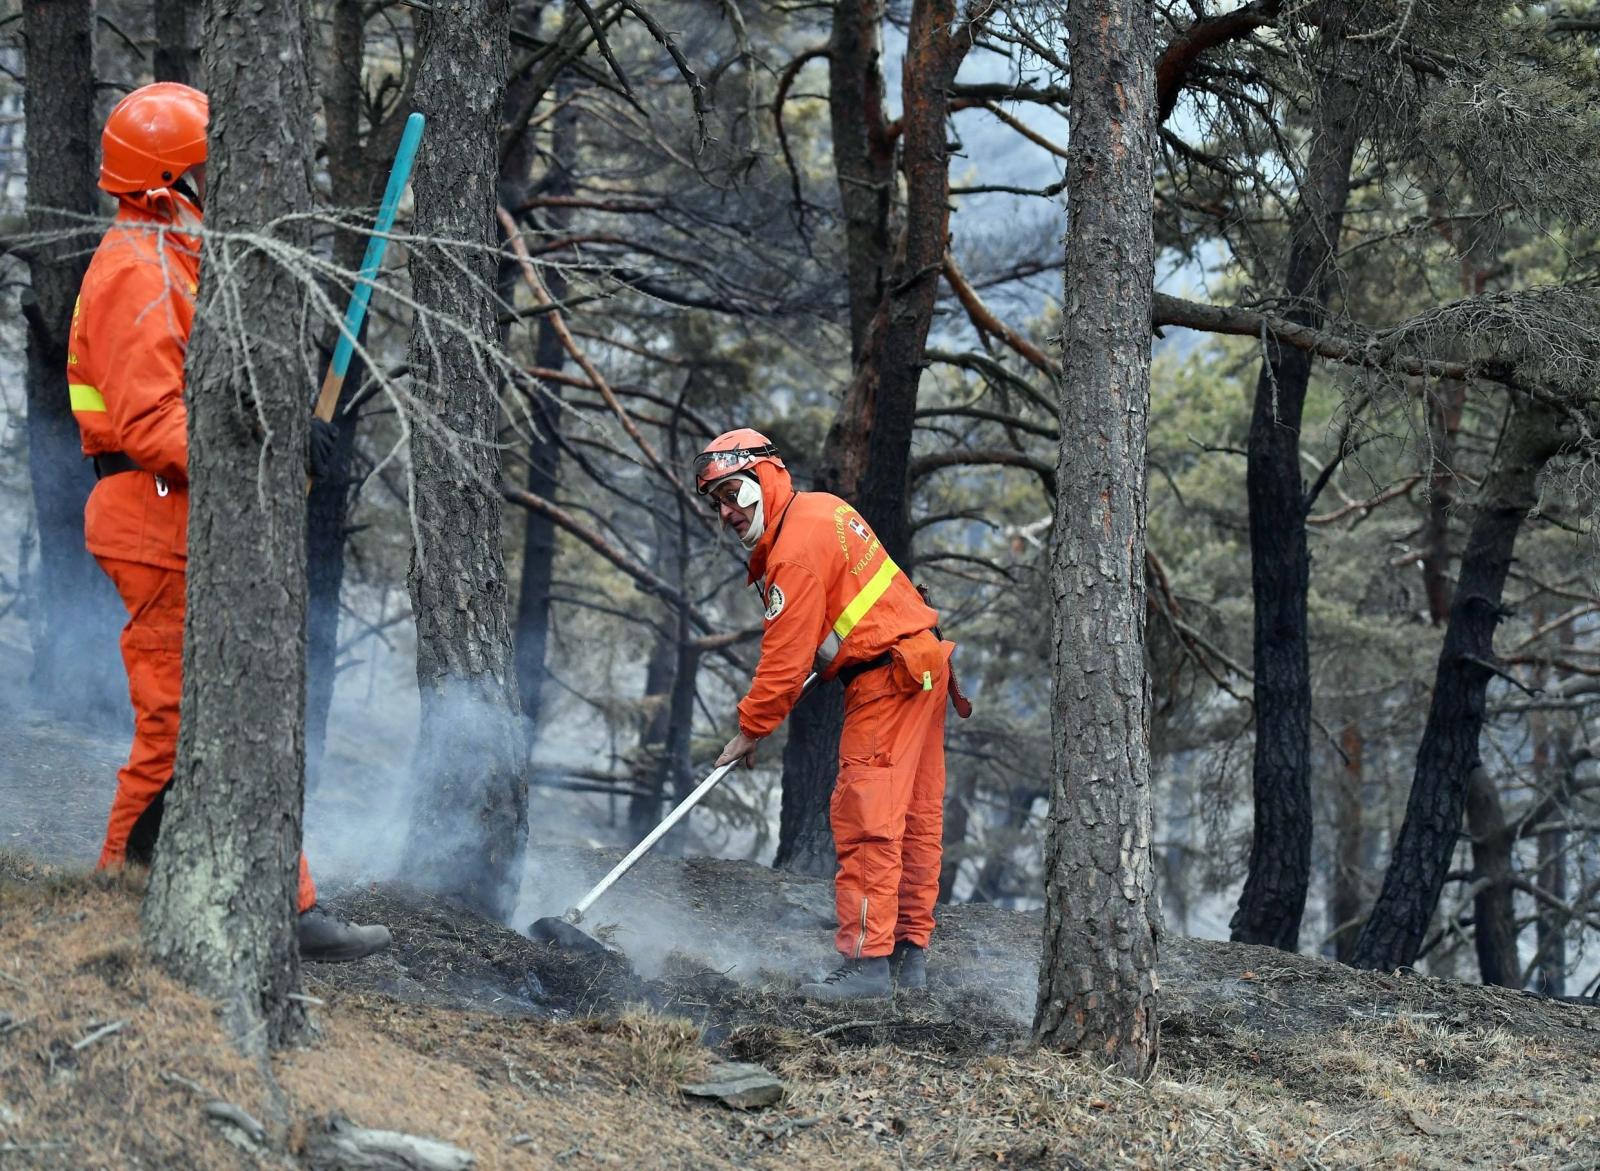 Wolontariusze pomagają przy rozprzestrzeniającym się ogniu. Region Val di Susa pod Turynem, Włochy.